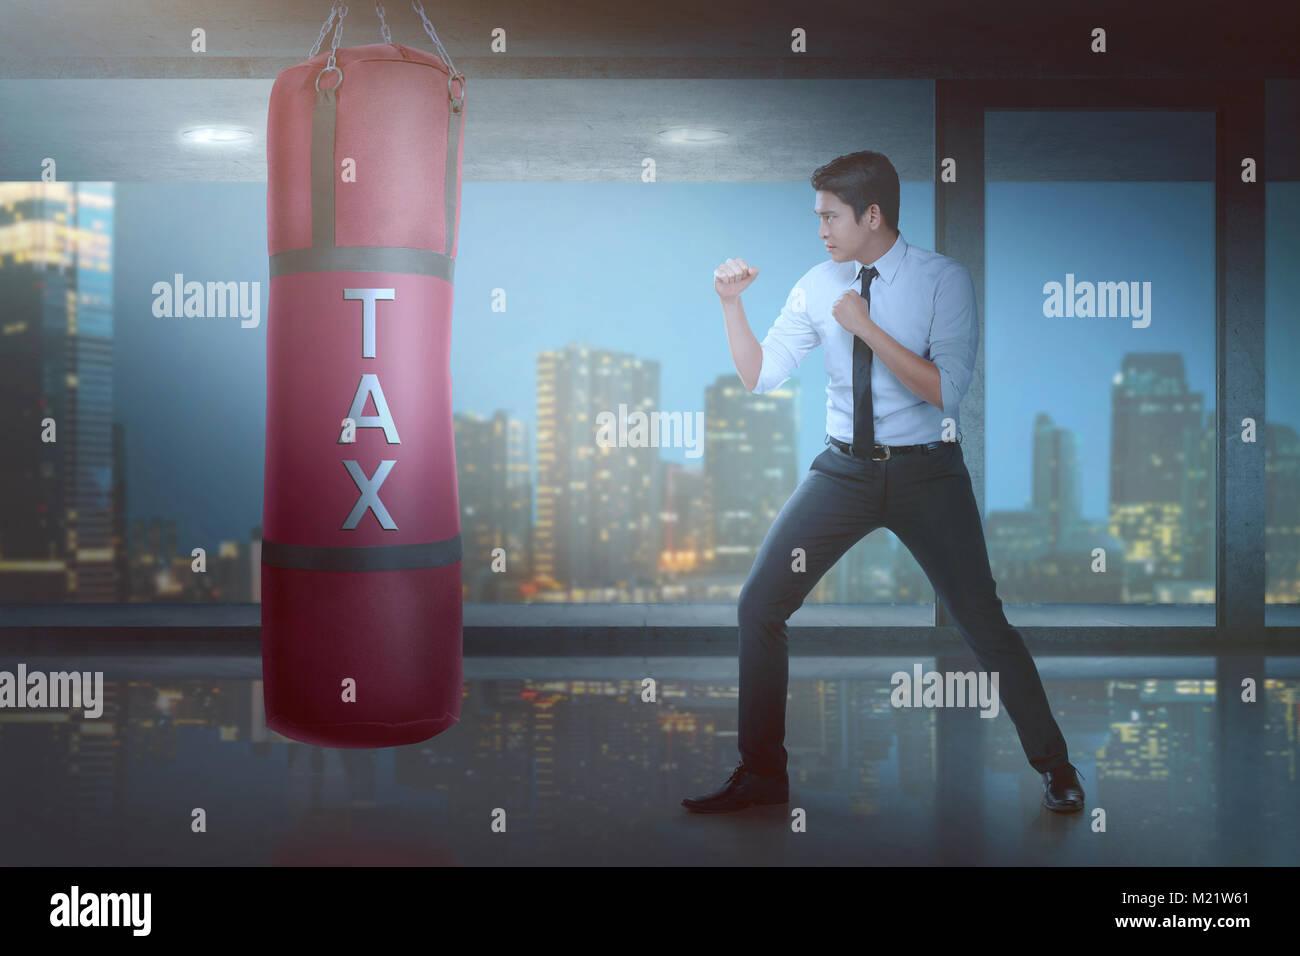 Leistungsstarke Asiatische Geschaftsmann Puncing Boxing Boxsack Mit